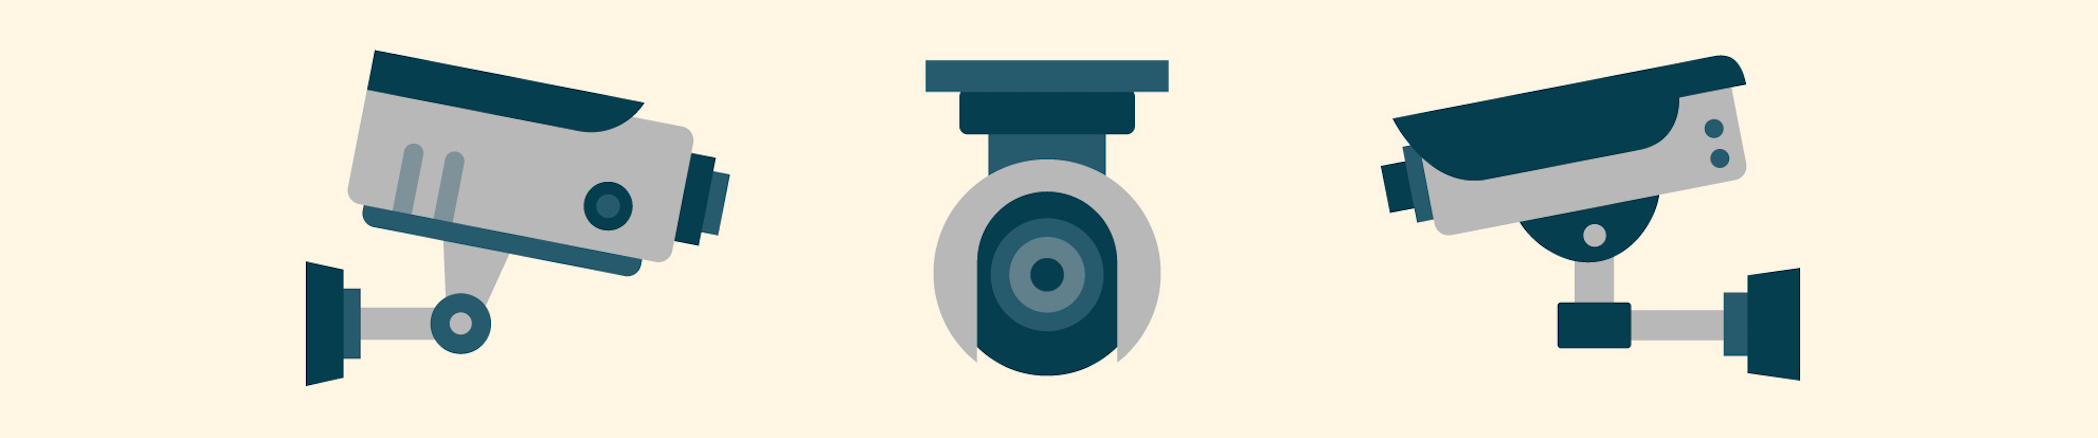 Aufzeichnung auf Festplatte: Kameras